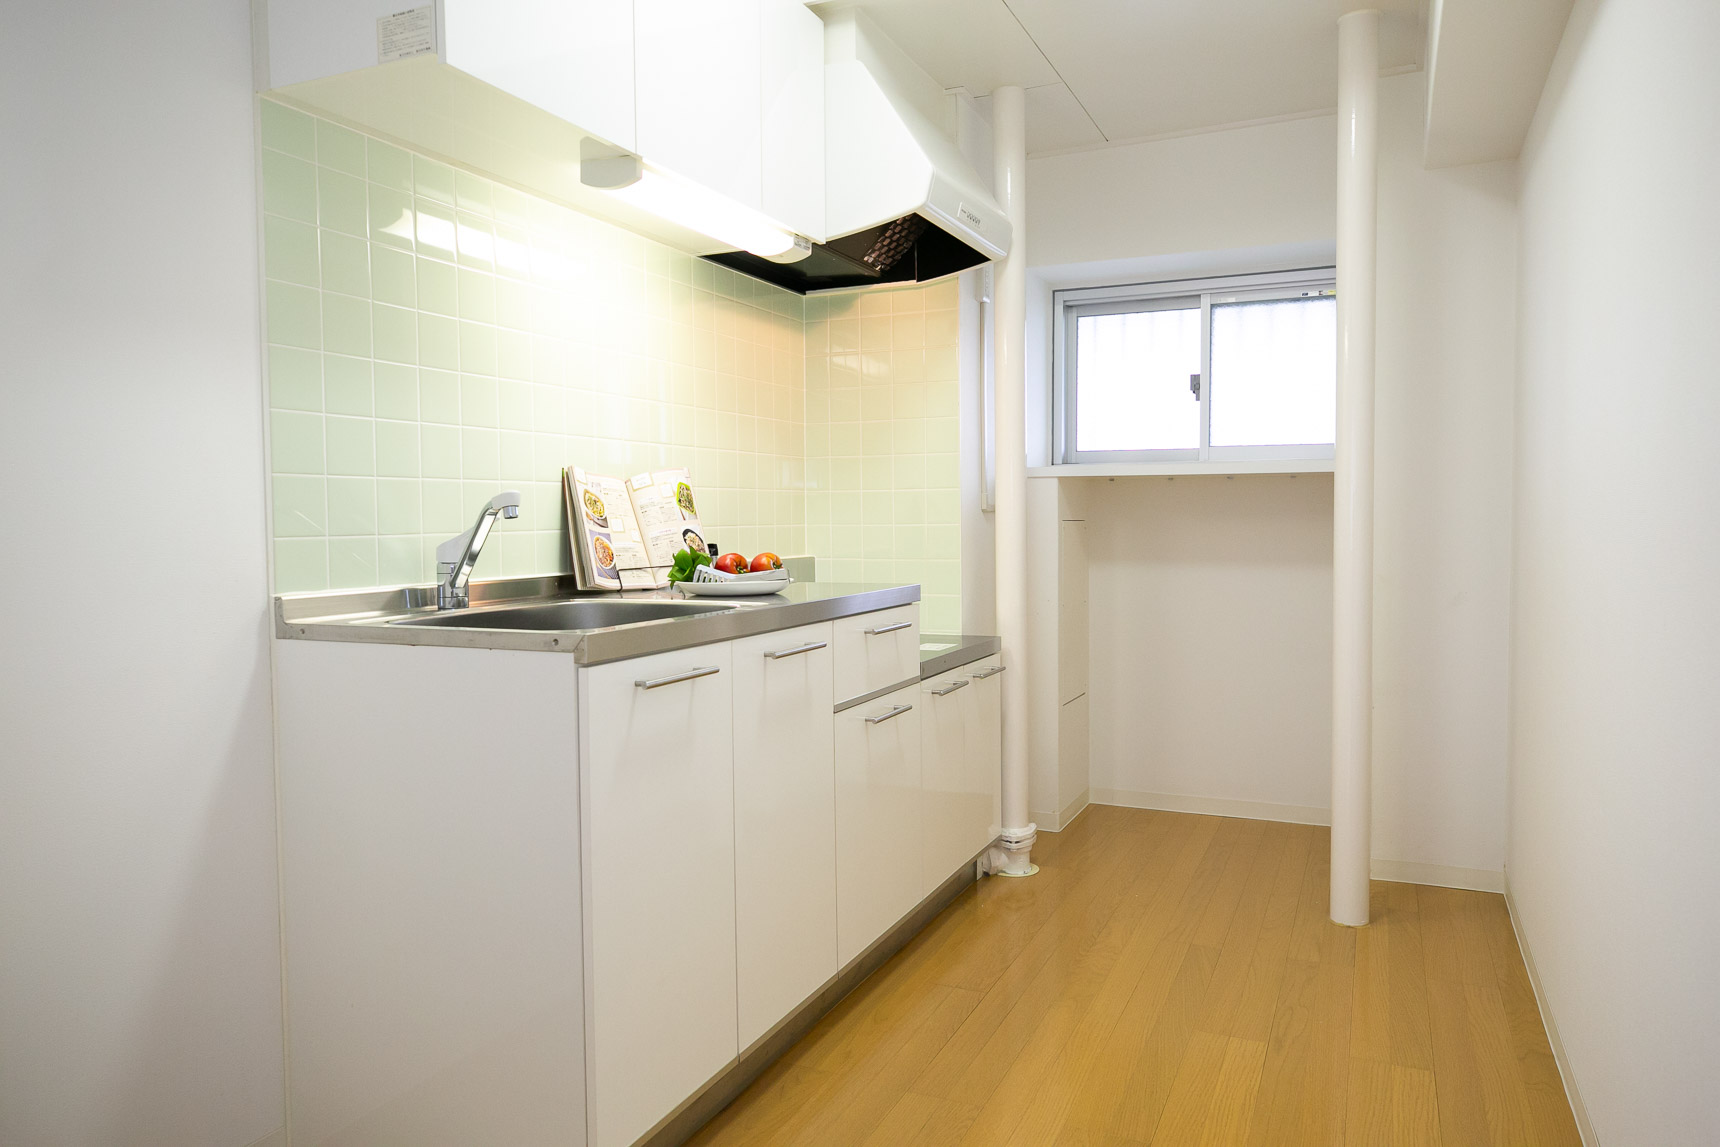 壁を新しく造作して大きな冷蔵庫も置けるように工夫されたキッチン。タイルは淡いグリーン、作業スペースも大きく、背面には好きなタイプの食器棚も置けそう。